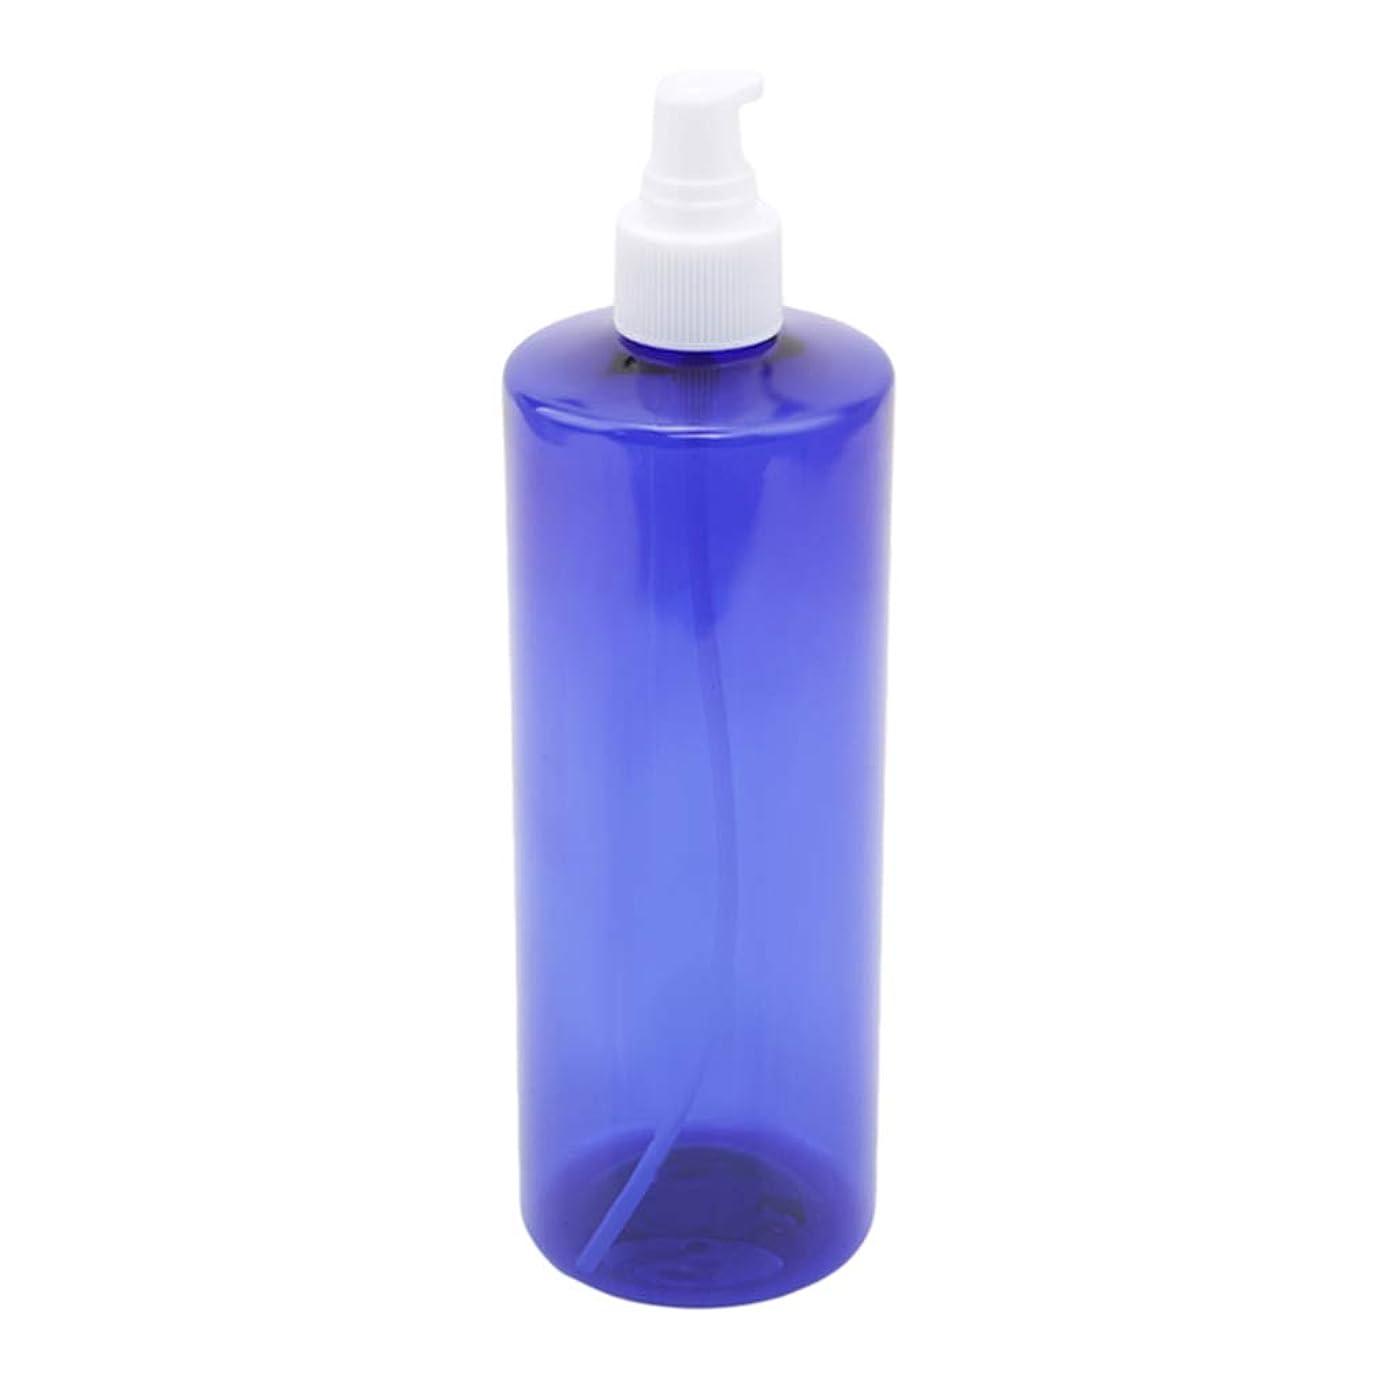 タオルパラメータ暖かくMARUIKAO ローションボトル プラスチックボトル コスメ用詰替え容器 プラスチック 化粧液容器 化粧品サブボトル サンプルボトル ポンプ付き 500ml